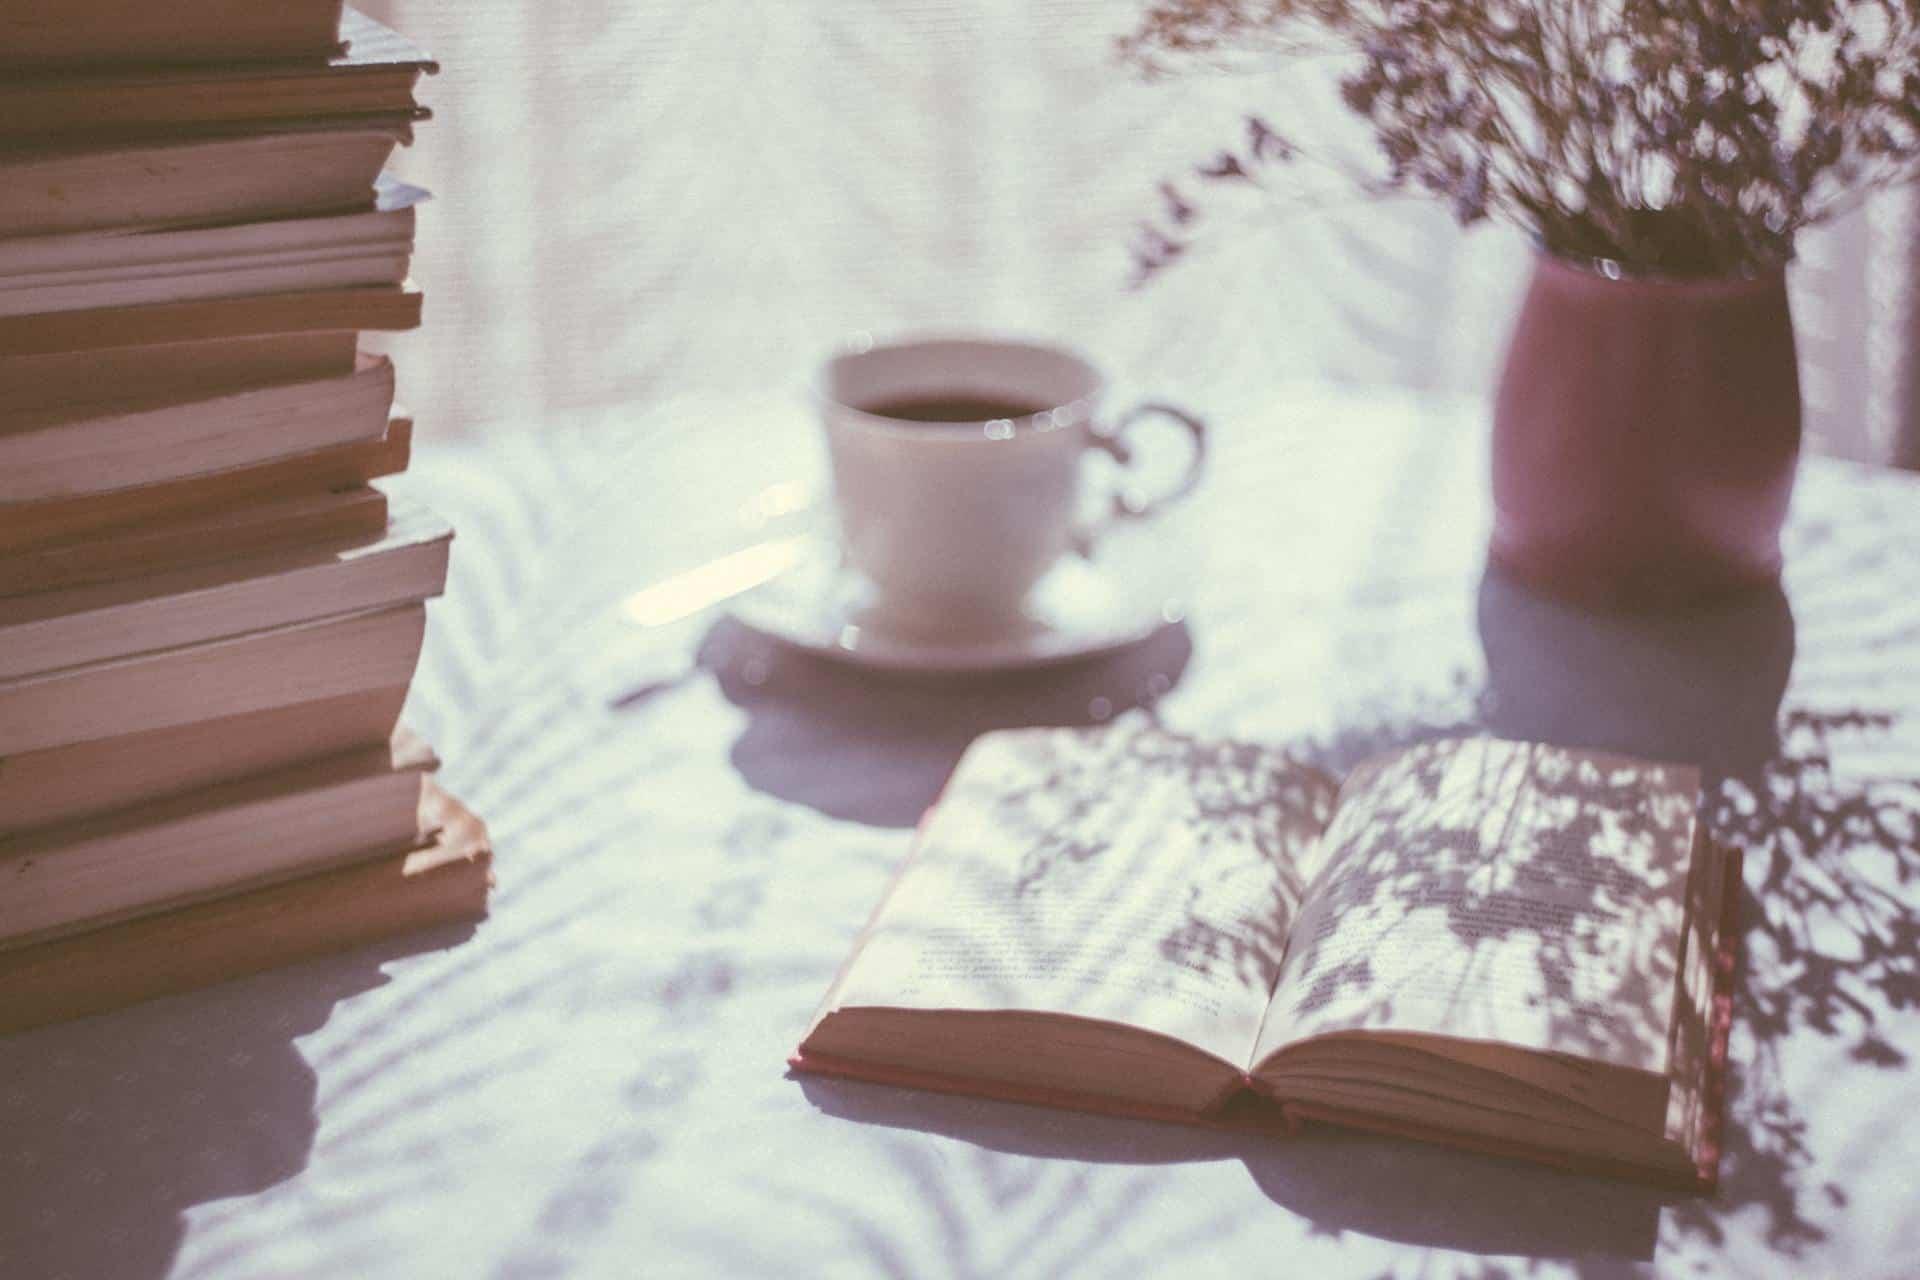 blur books ceramic 176103